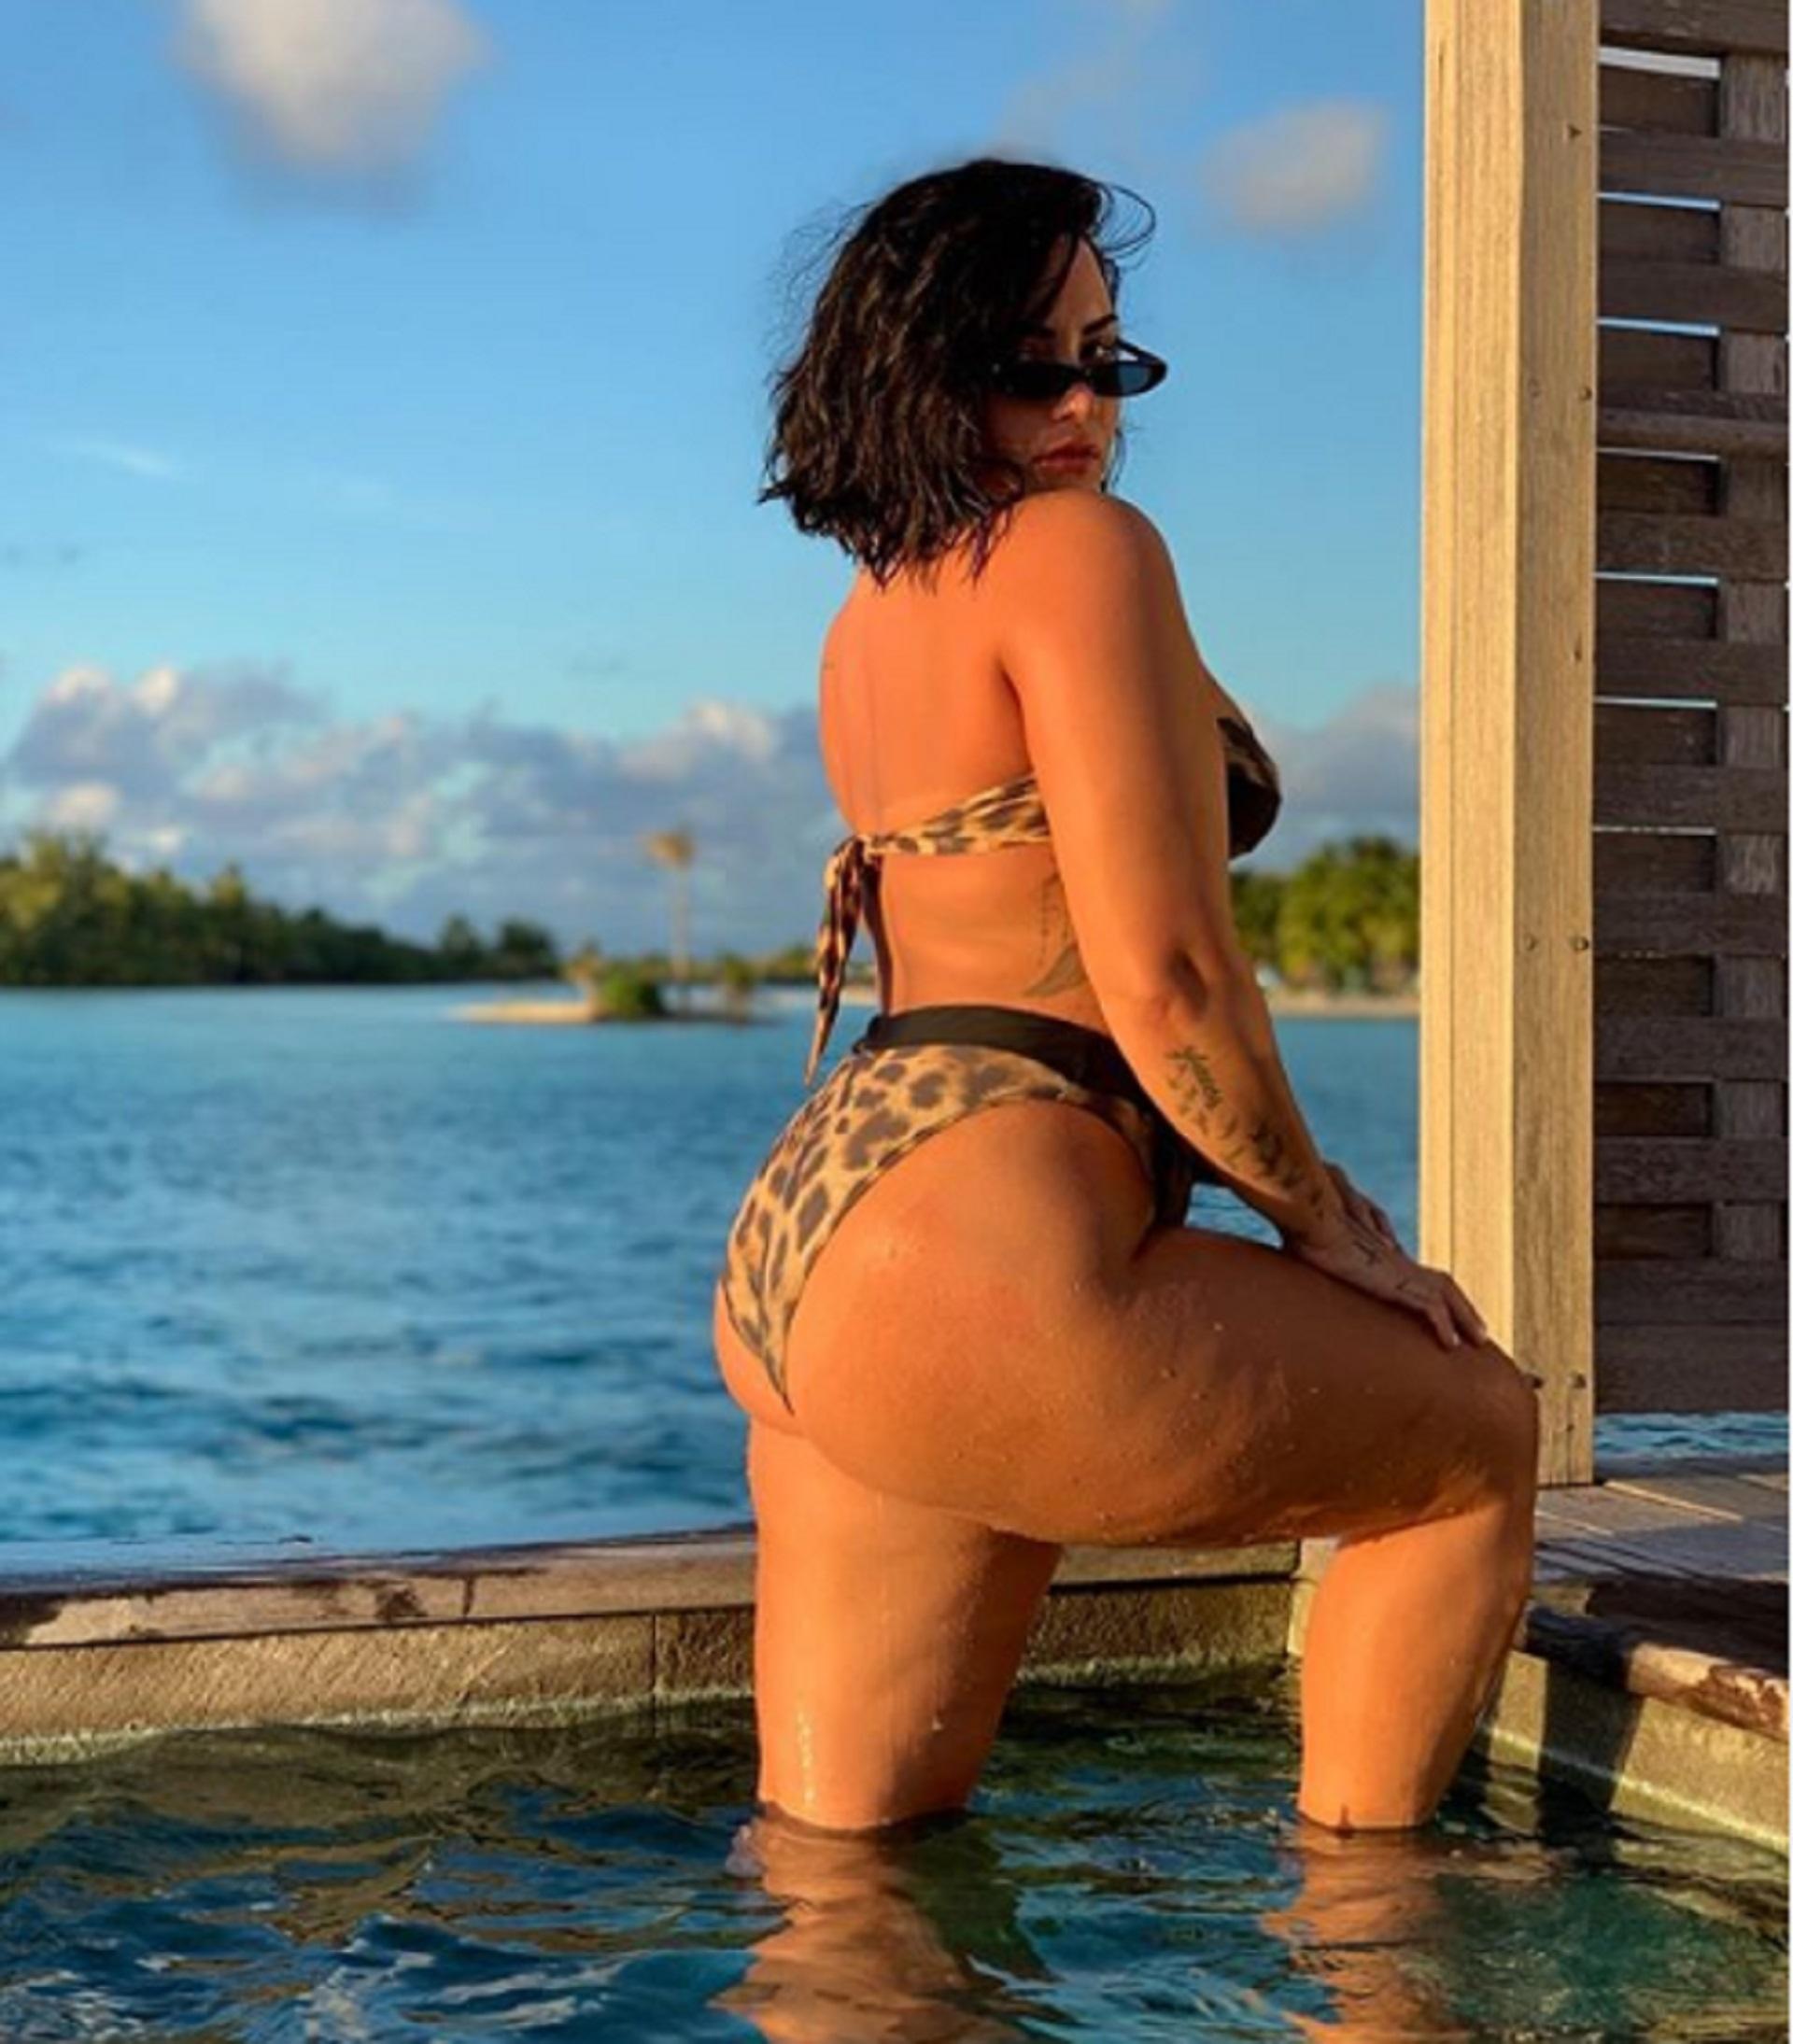 """Demi Lovato compartió una imagen al natural con un valioso mensaje: """"Este es mi mayor temor. Una foto mía en bikini sin editar. ¿Y adivina qué? ¡Es celulitis!"""", redactó la cantante en su cuenta de Instagram"""